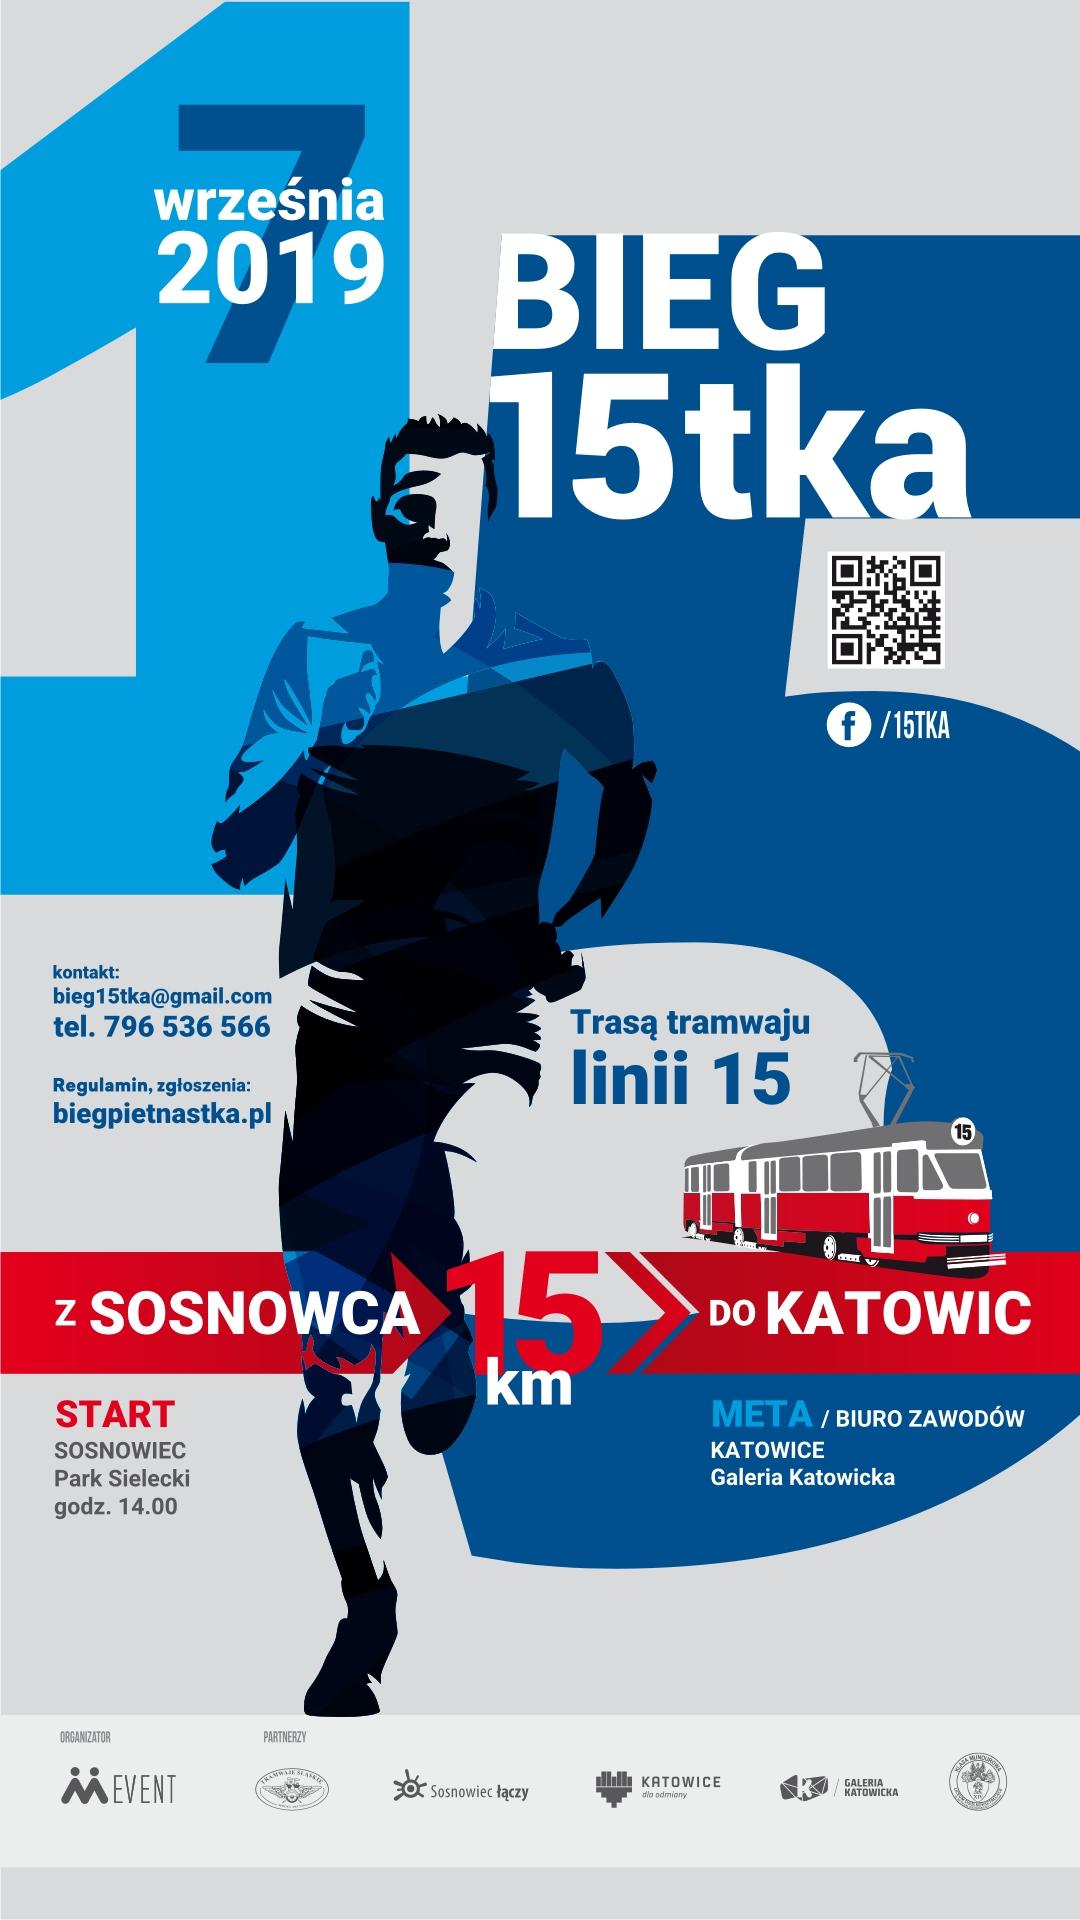 Przed nami 5 edycja biegu 15tki z Sosnowca do Katowic